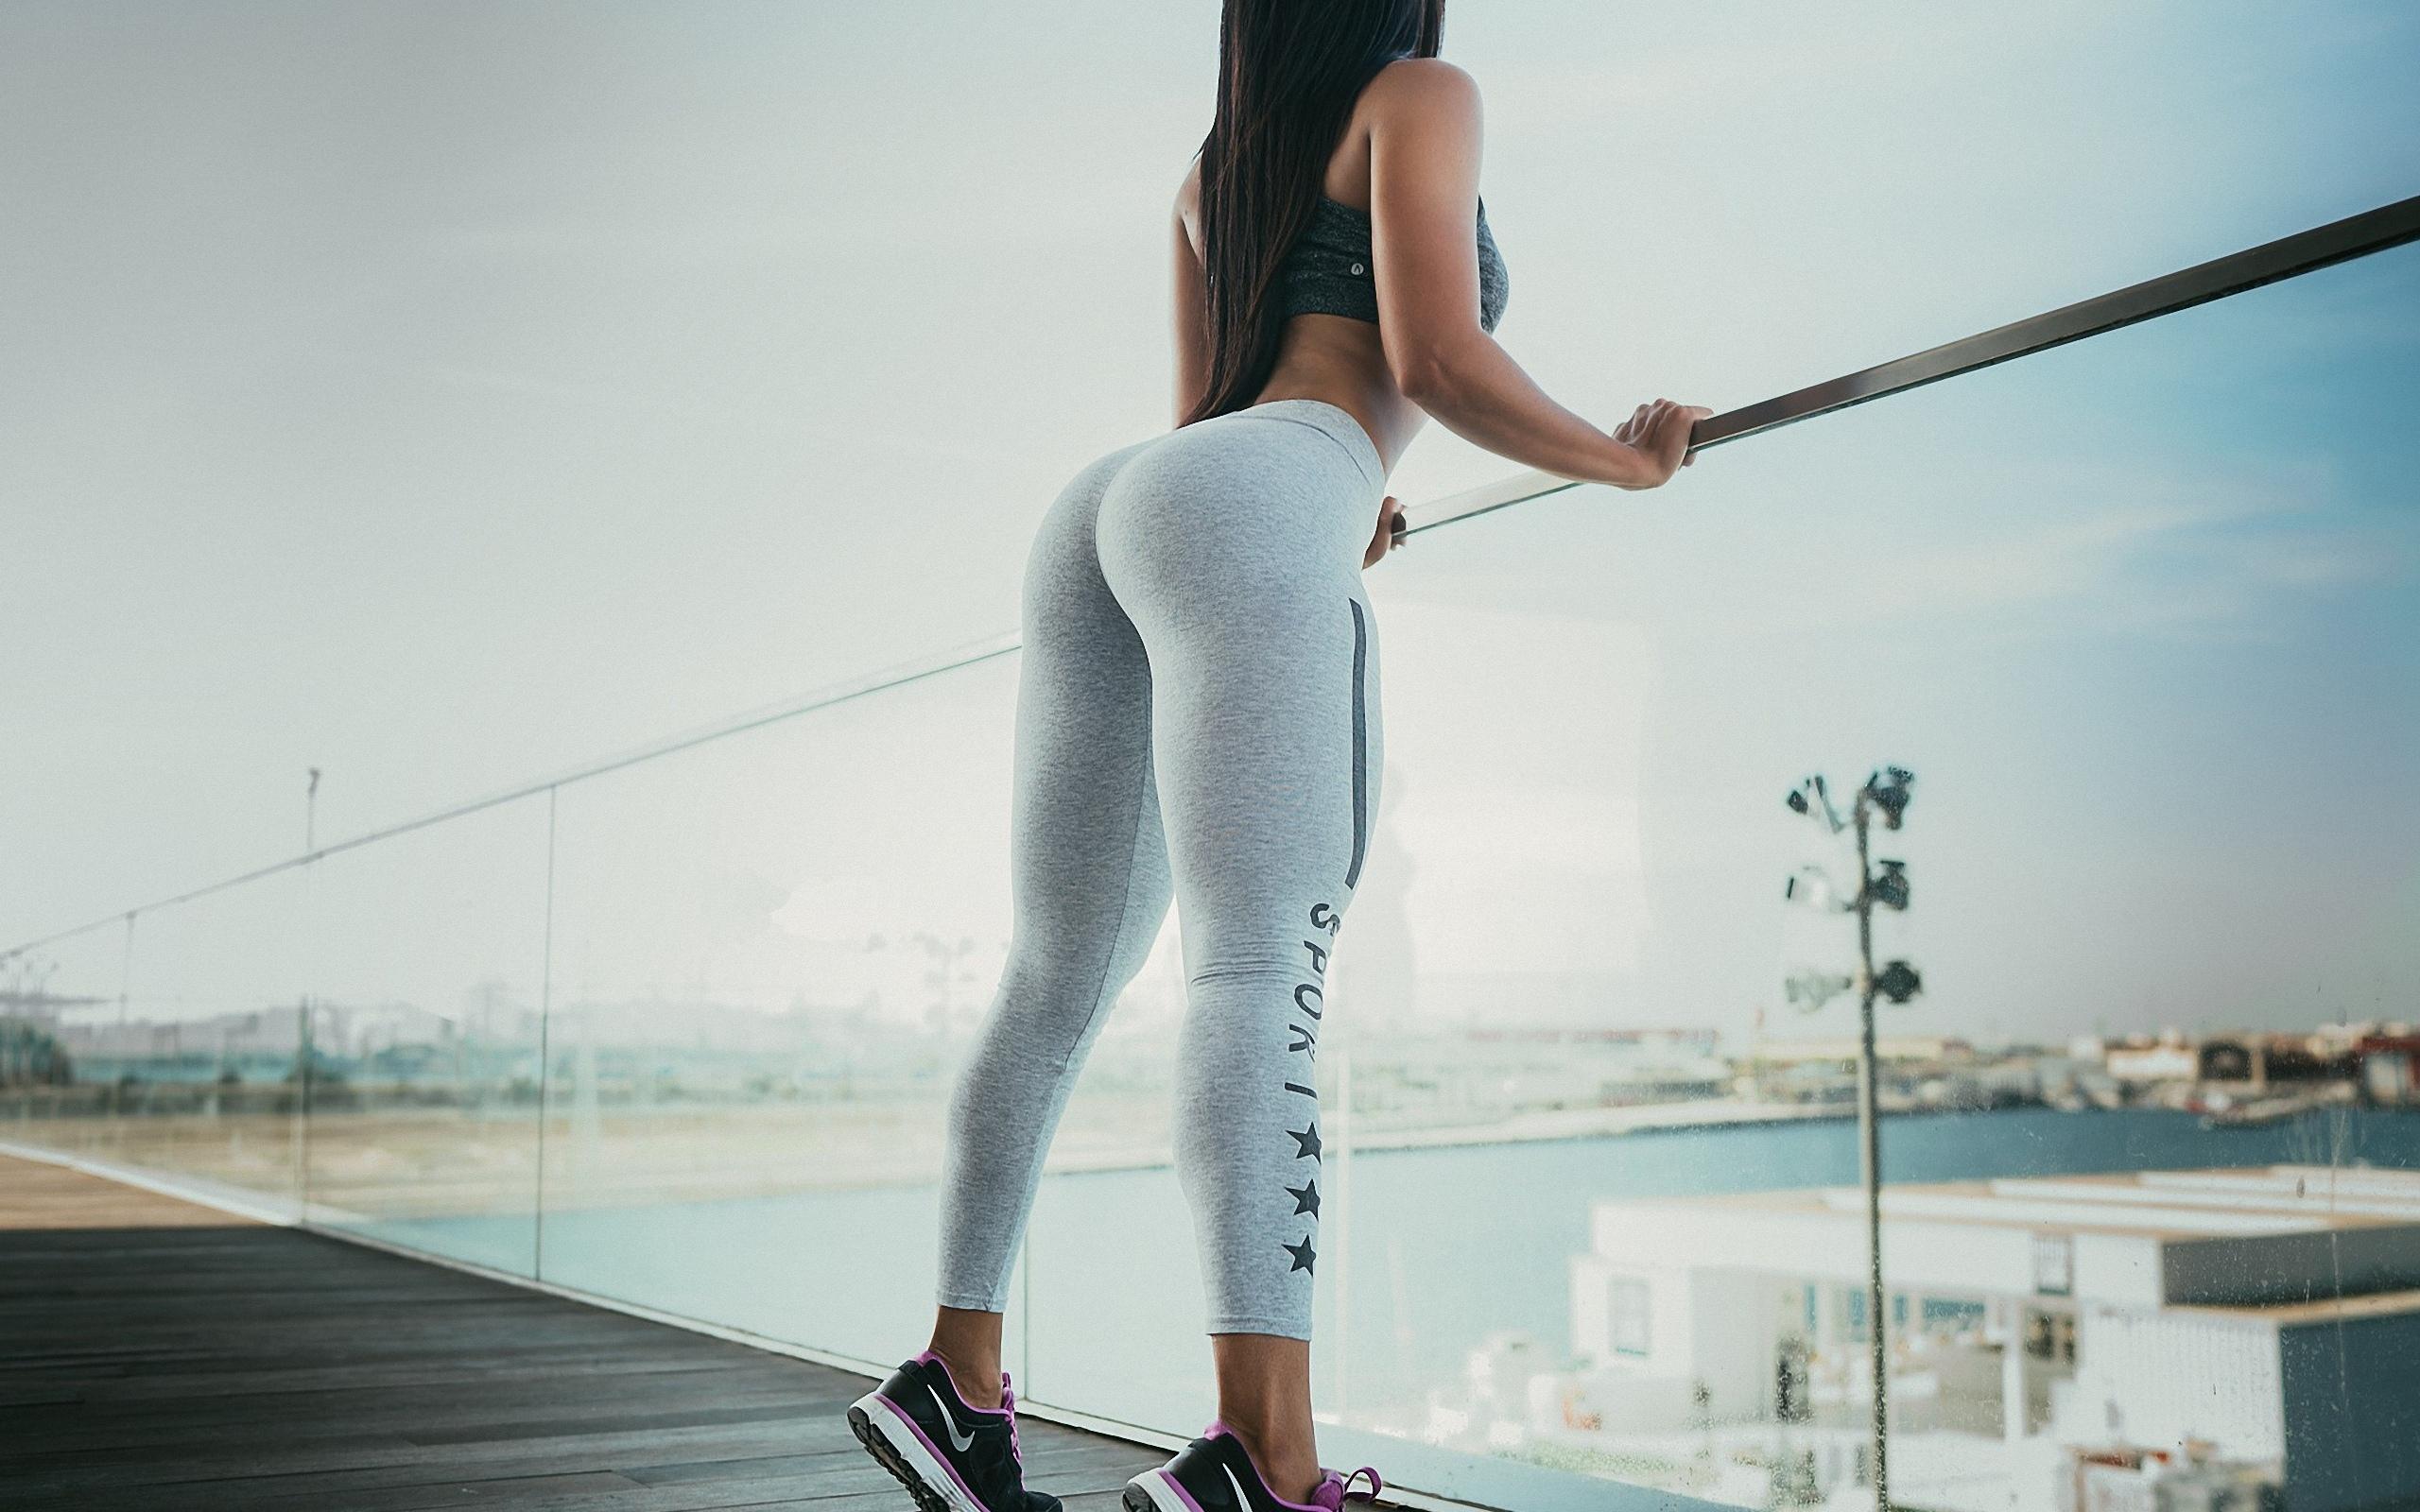 девушка, модель, позирует, спорт, фигура